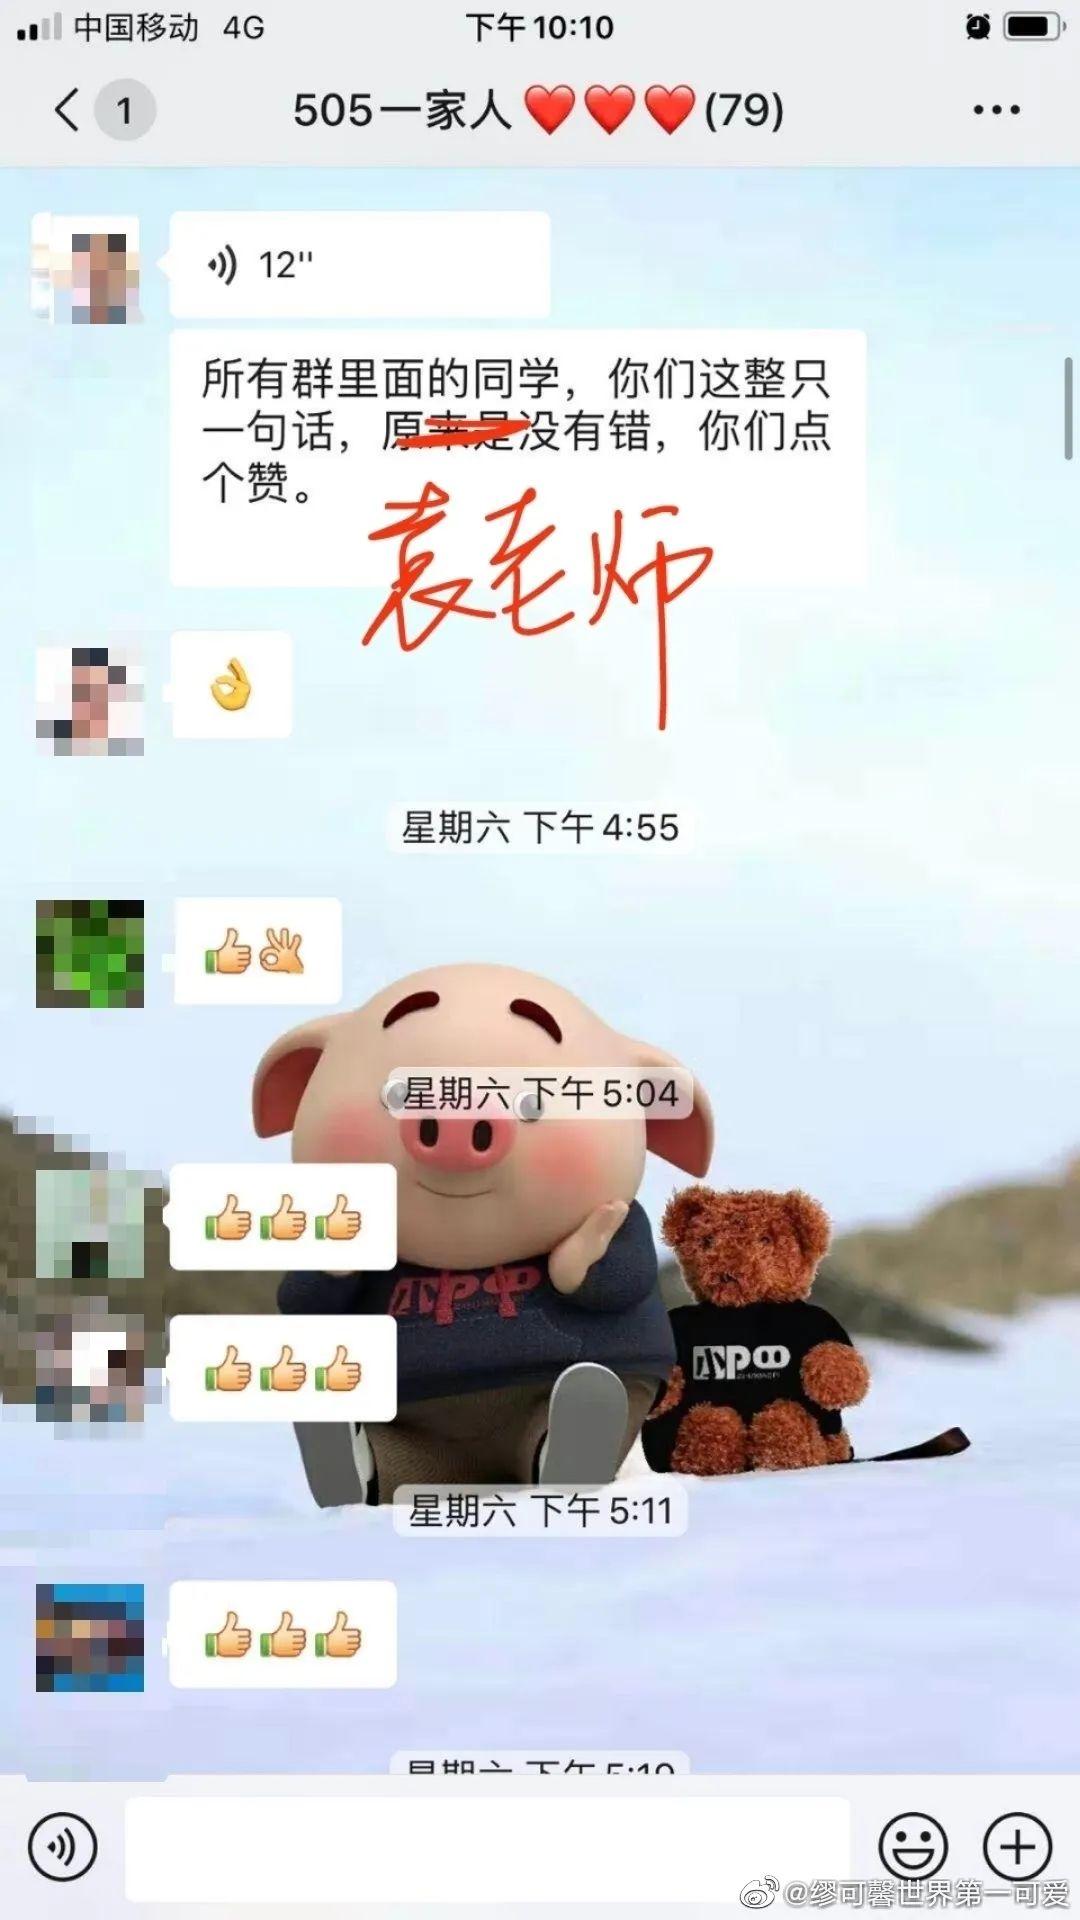 """网传家长群为老师的工作点赞。图源:微博账号""""缪可馨世界第一可爱"""""""